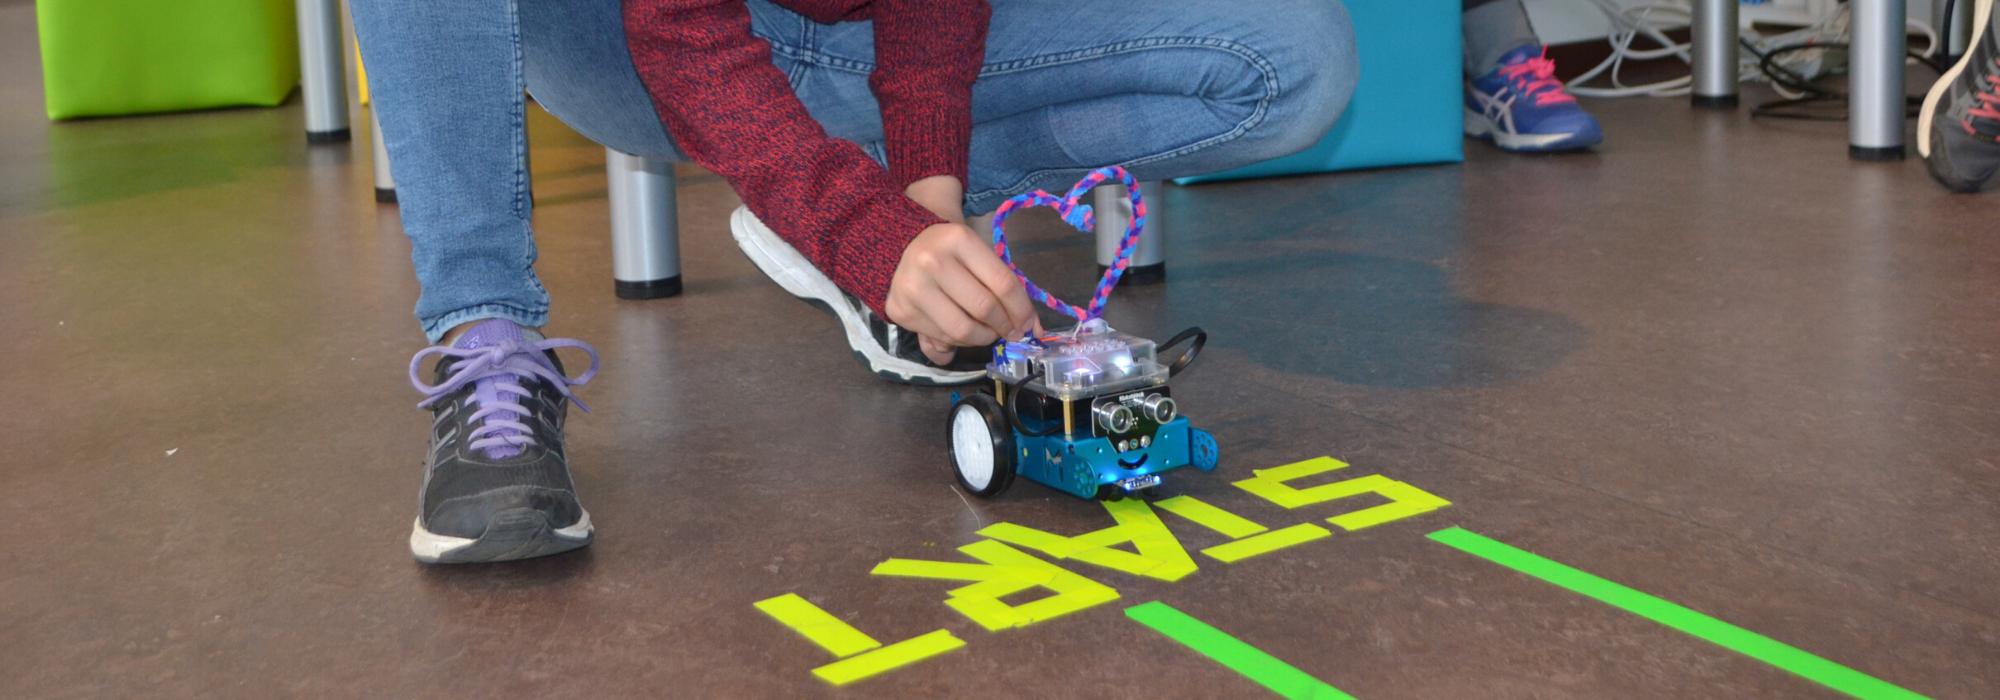 Robotics: Bring die Roboter zum Tanzen - 23.04.2020-28.05.2020